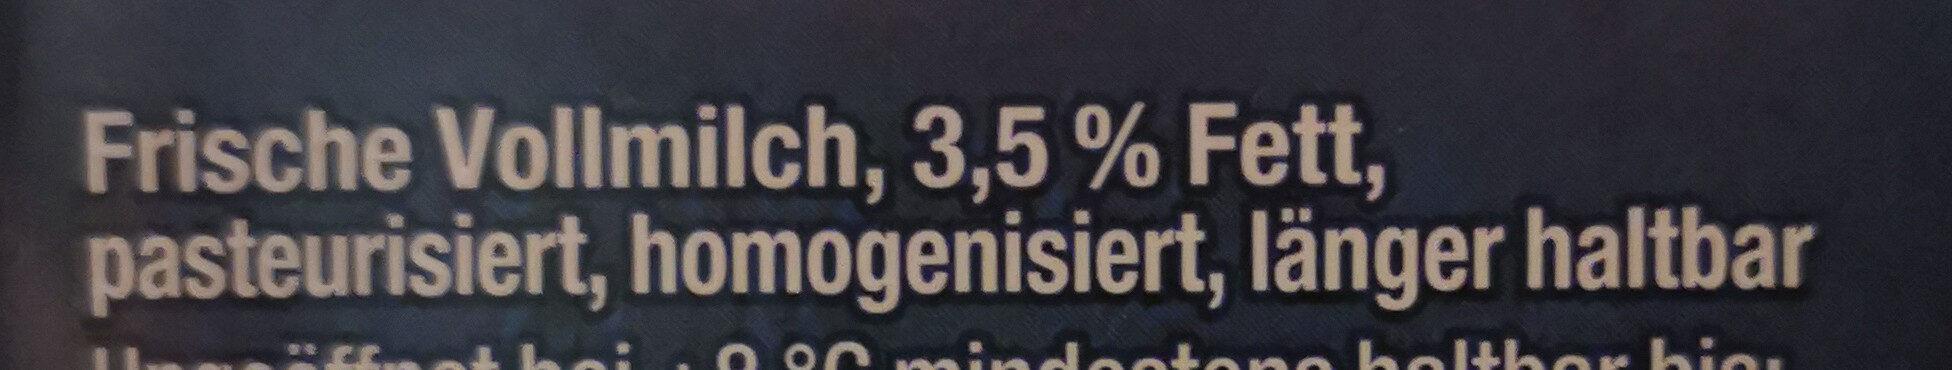 Frische Vollmilch - Ingredienti - de